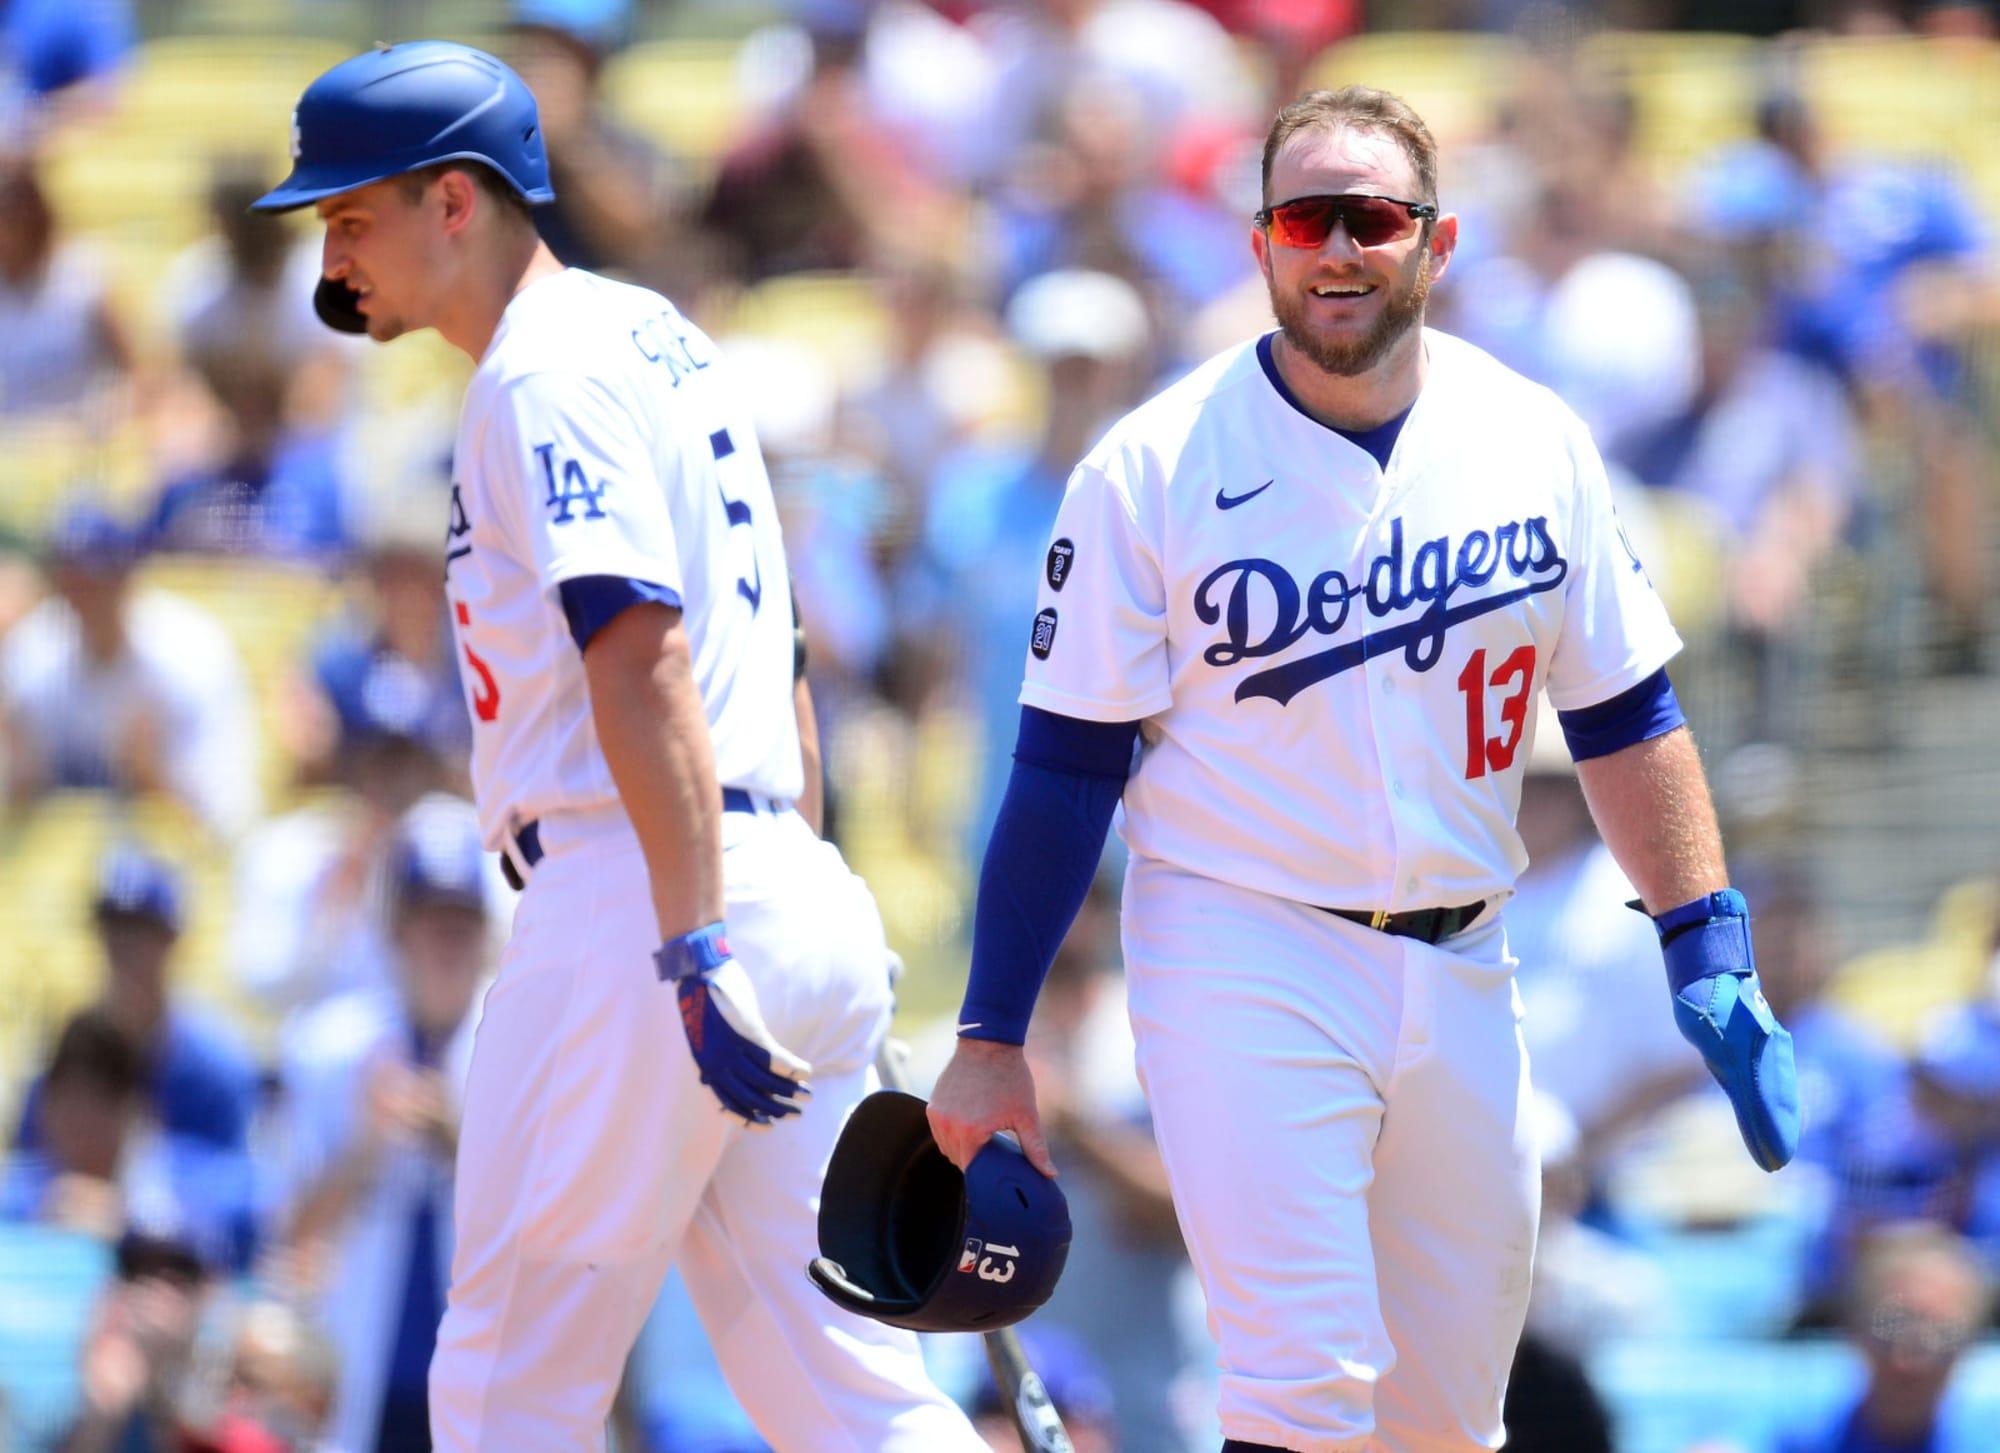 La chica de los Dodgers destruye a un fan entrometido por correr en el campo (Video)